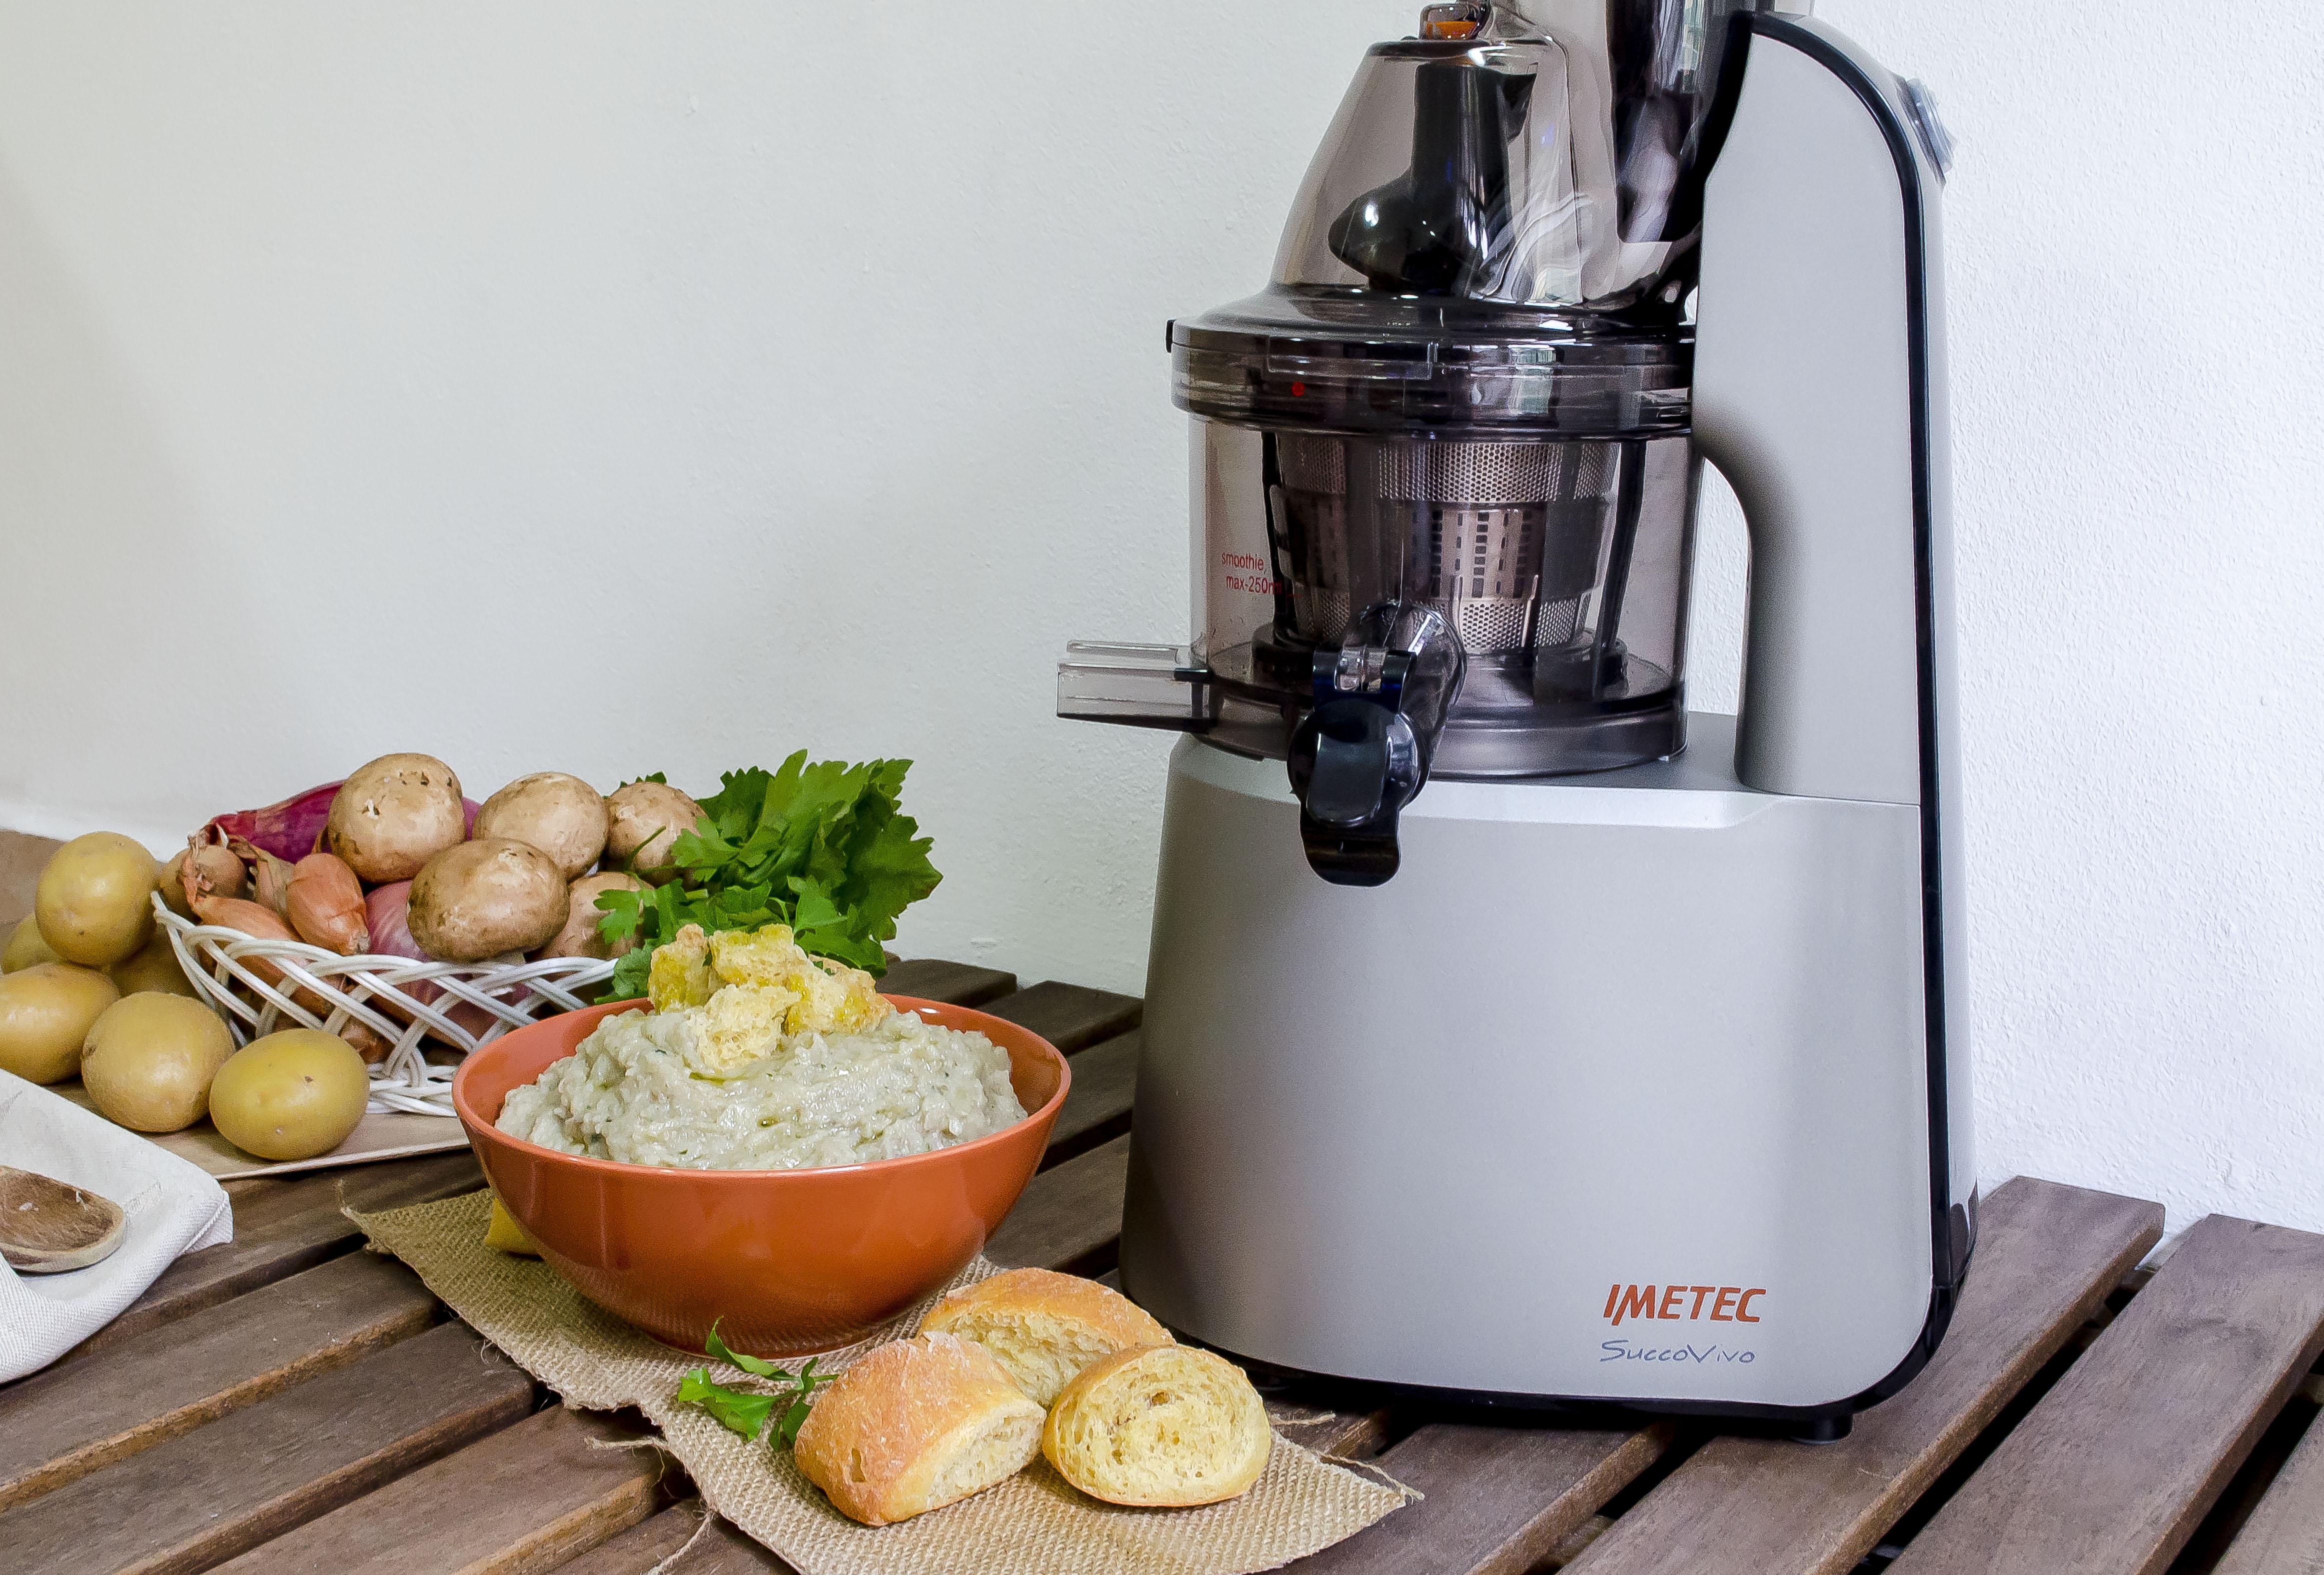 Vellutata di funghi e patate cremosa ricetta zuppa vegetariana for Imetec estrattore